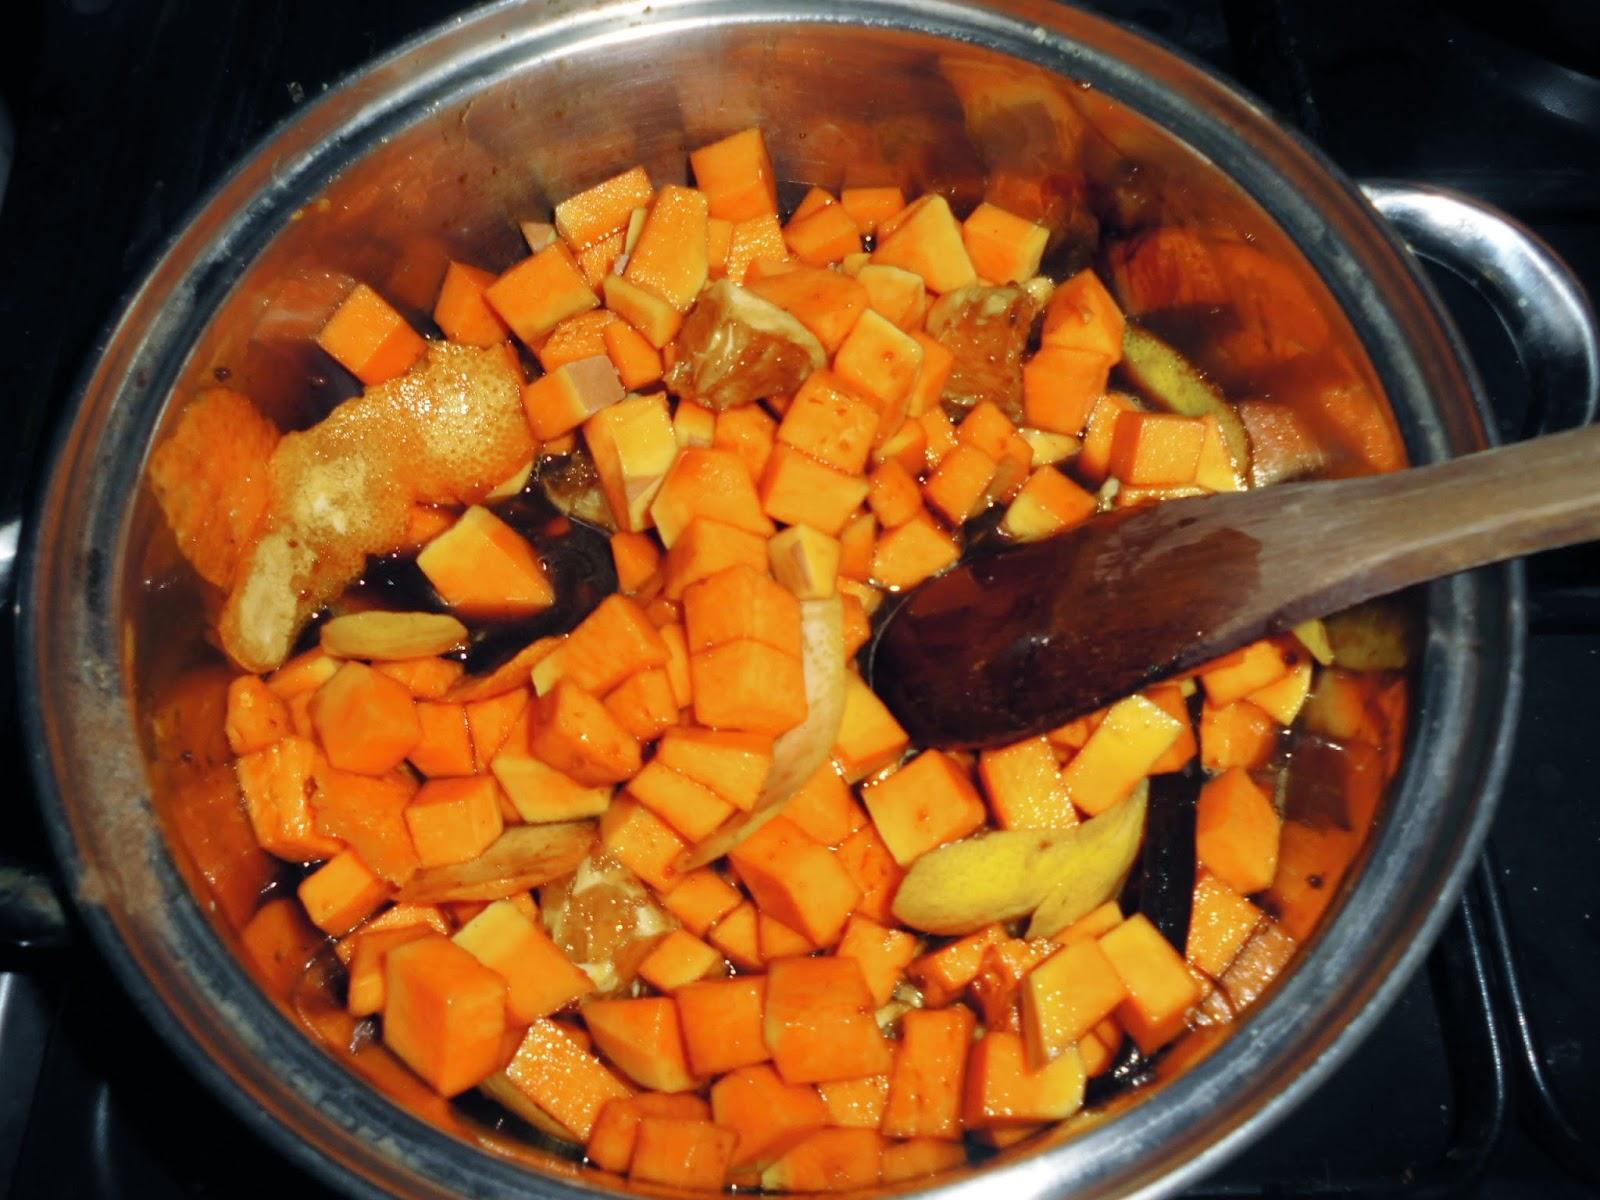 penzolare un sito di incontri di carota Luton indiano incontri